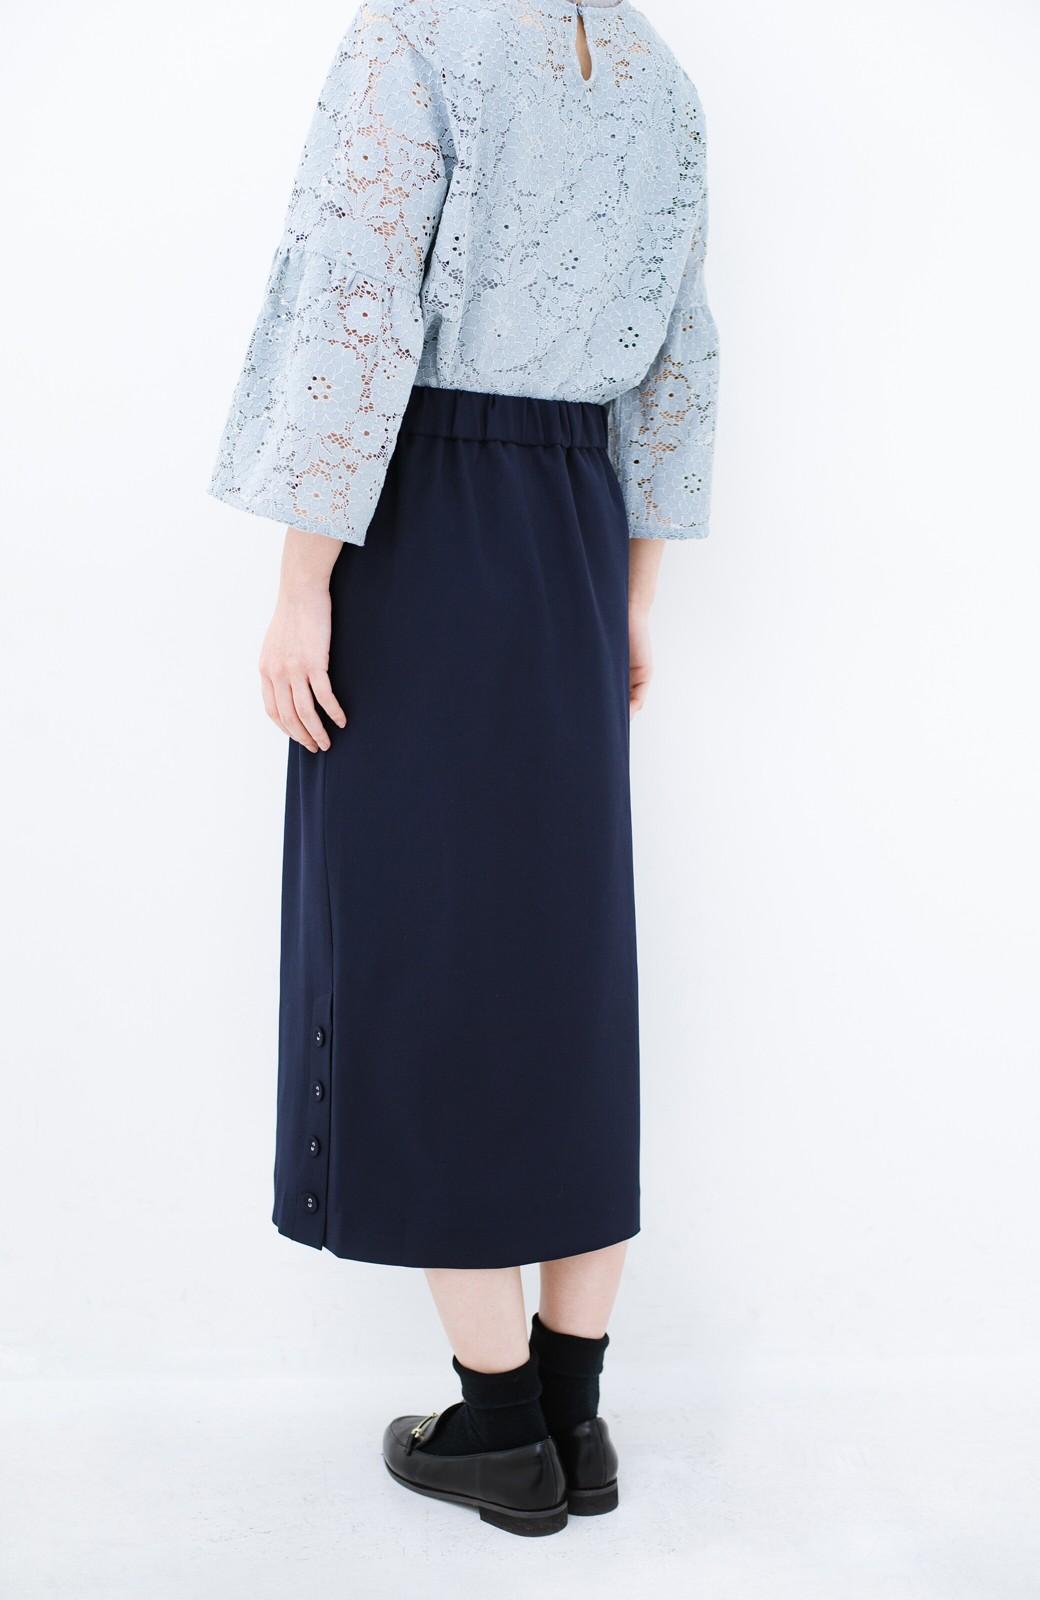 haco! 持っていると便利な野暮ったくならないフォーマルジャケット・スカートの2点セット <ネイビー>の商品写真12